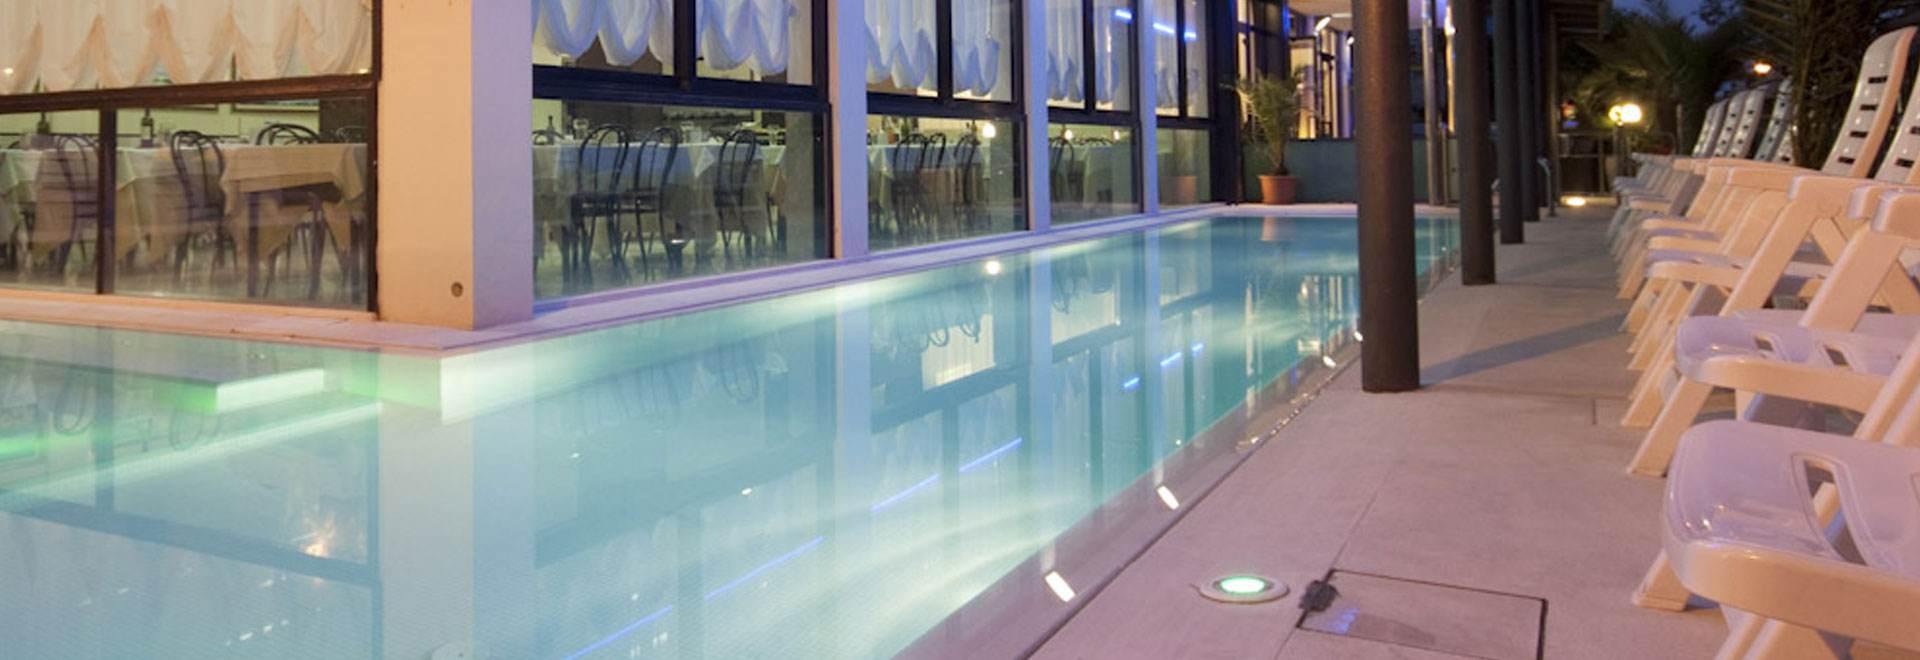 Hotel riccione con piscina riscaldata hotel 3 stelle con - Hotel con piscina a riccione ...